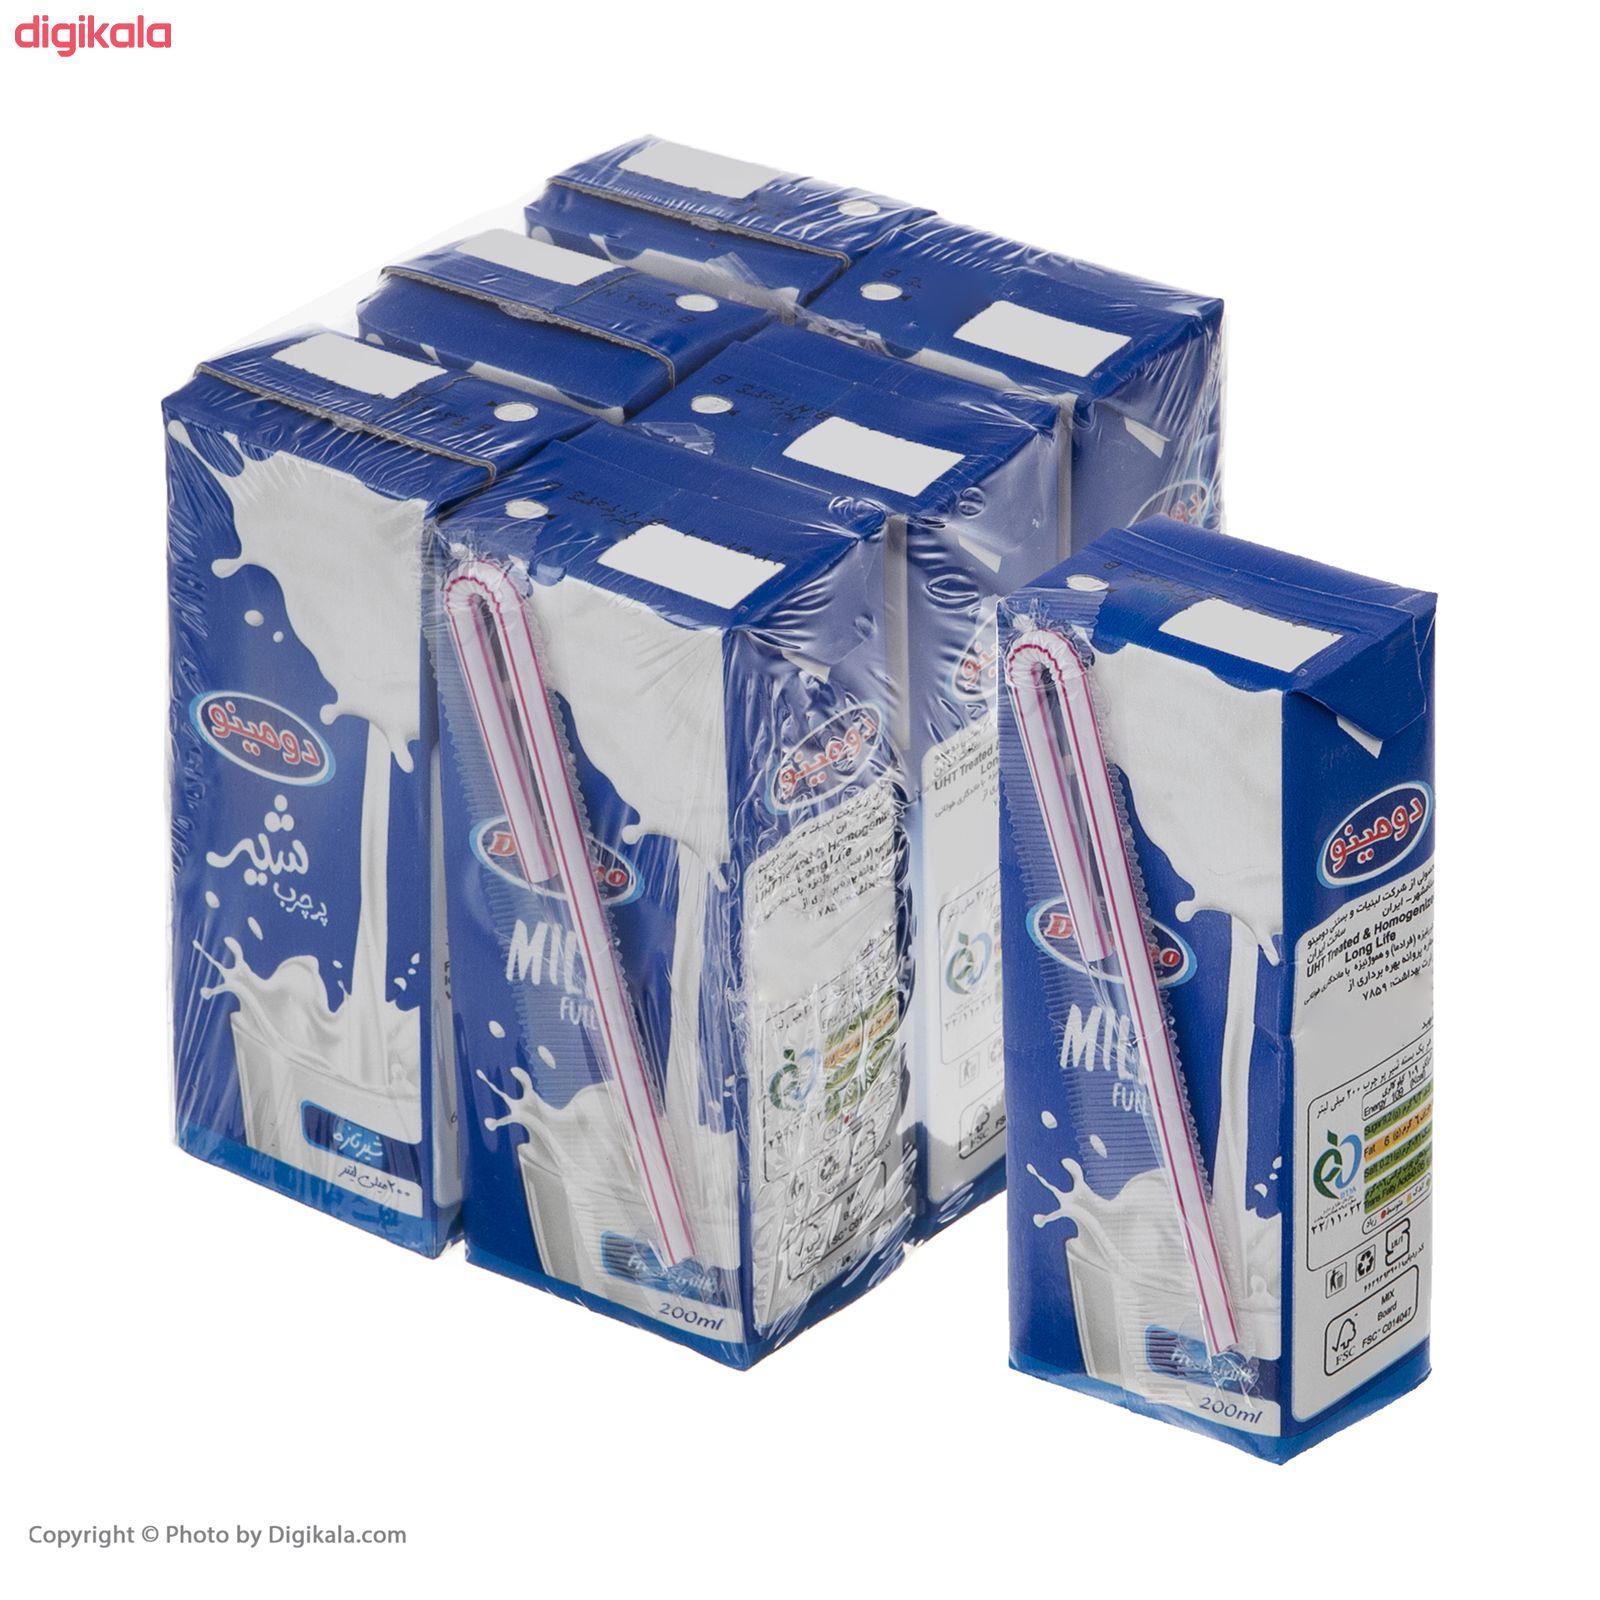 شیر پر چرب دومینو - 0.2 لیتر  بسته 6 عددی main 1 8